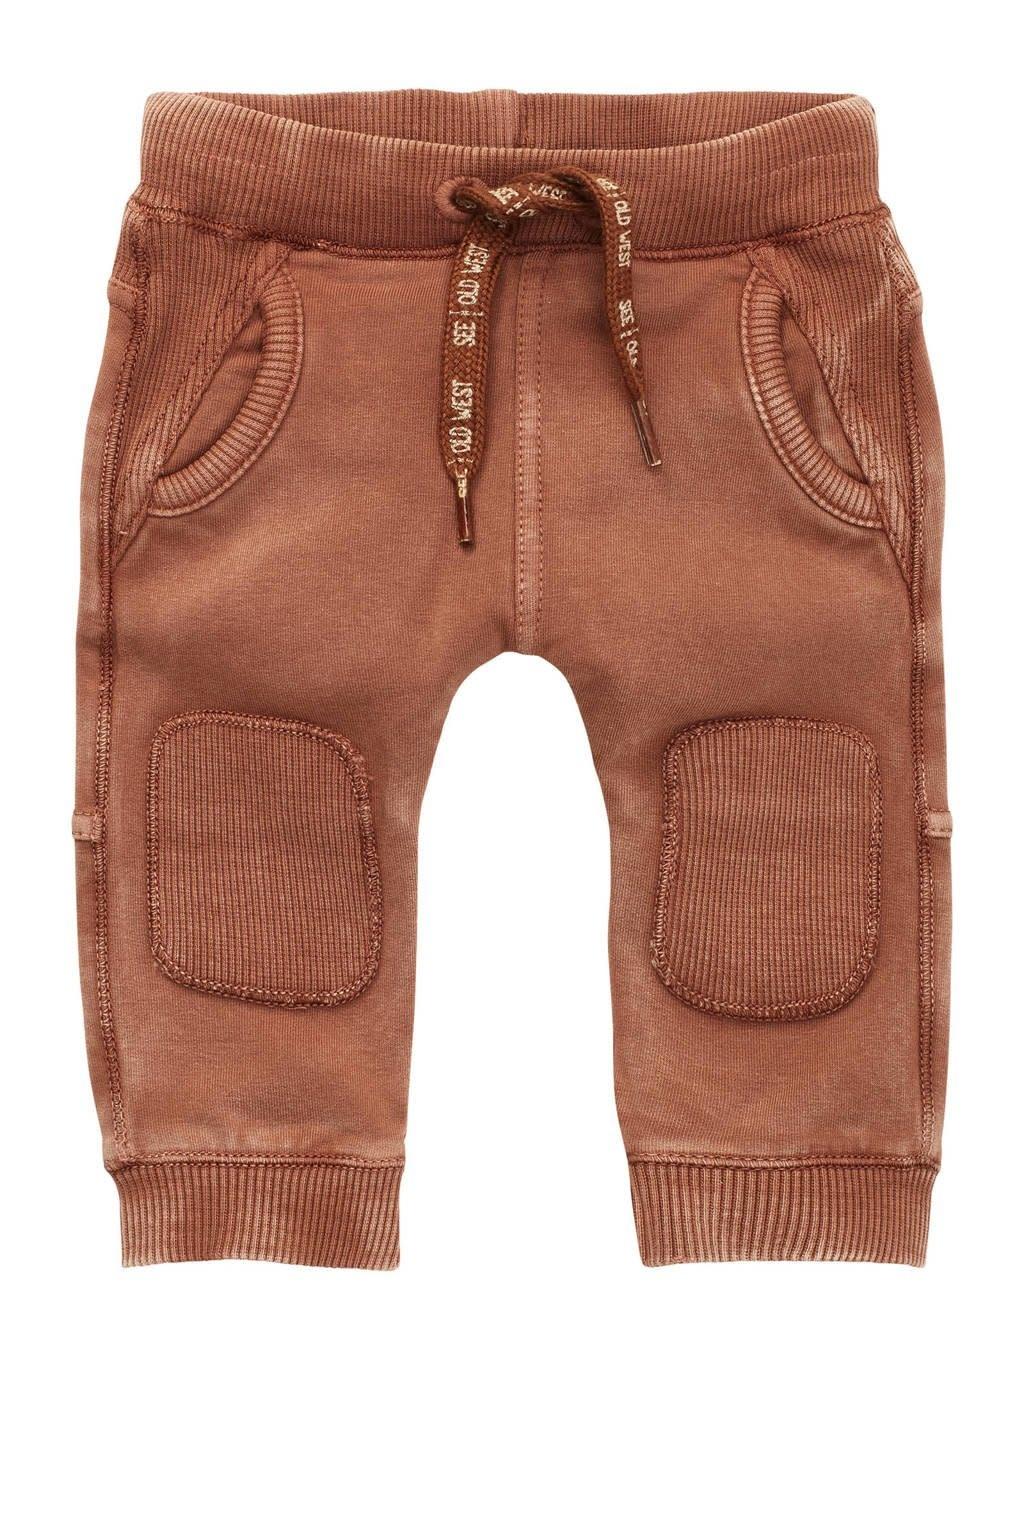 Reao Pants